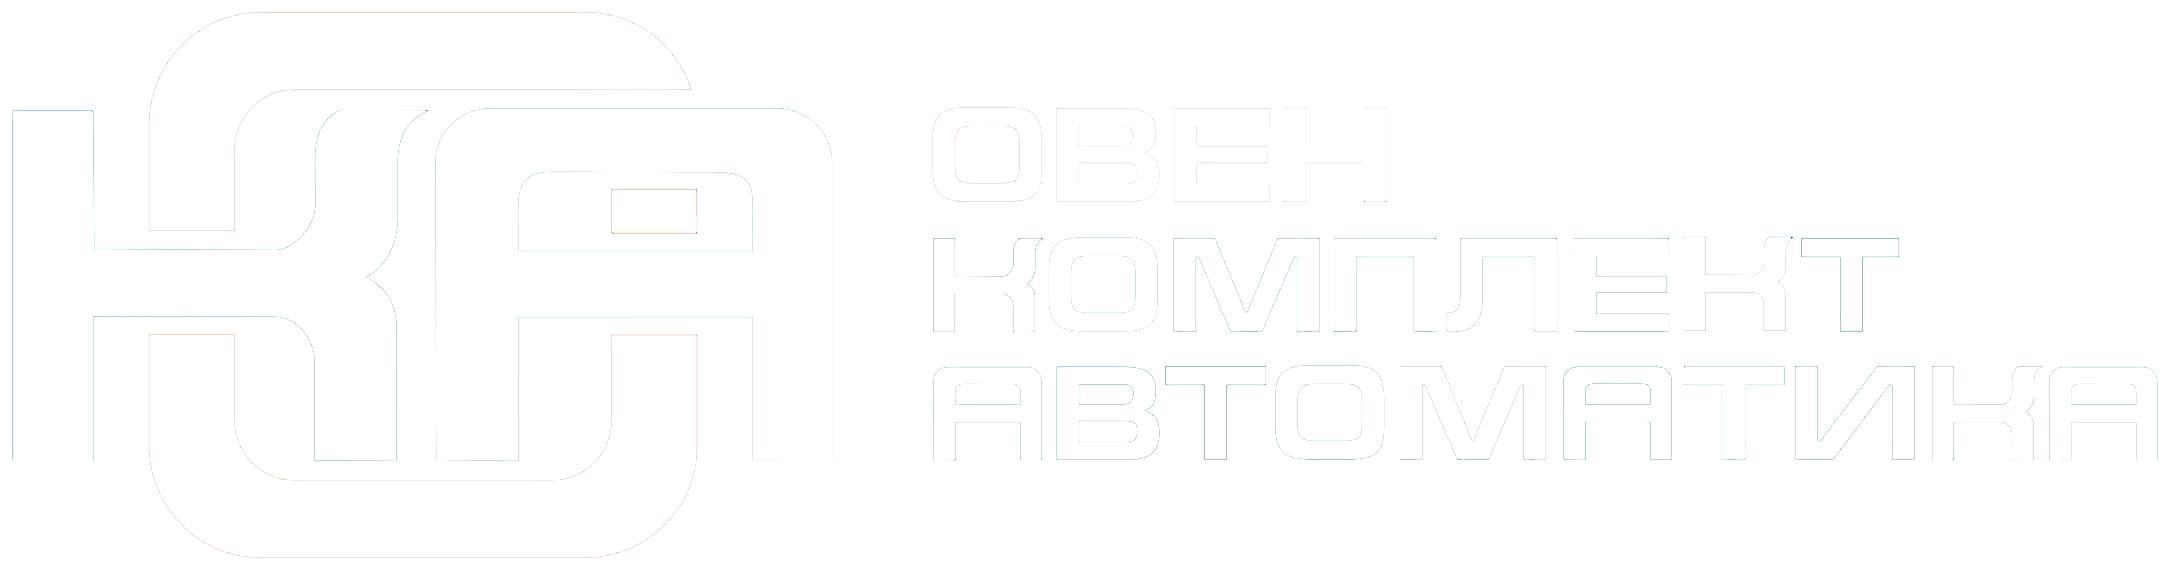 ОвенКомплектАвтоматика